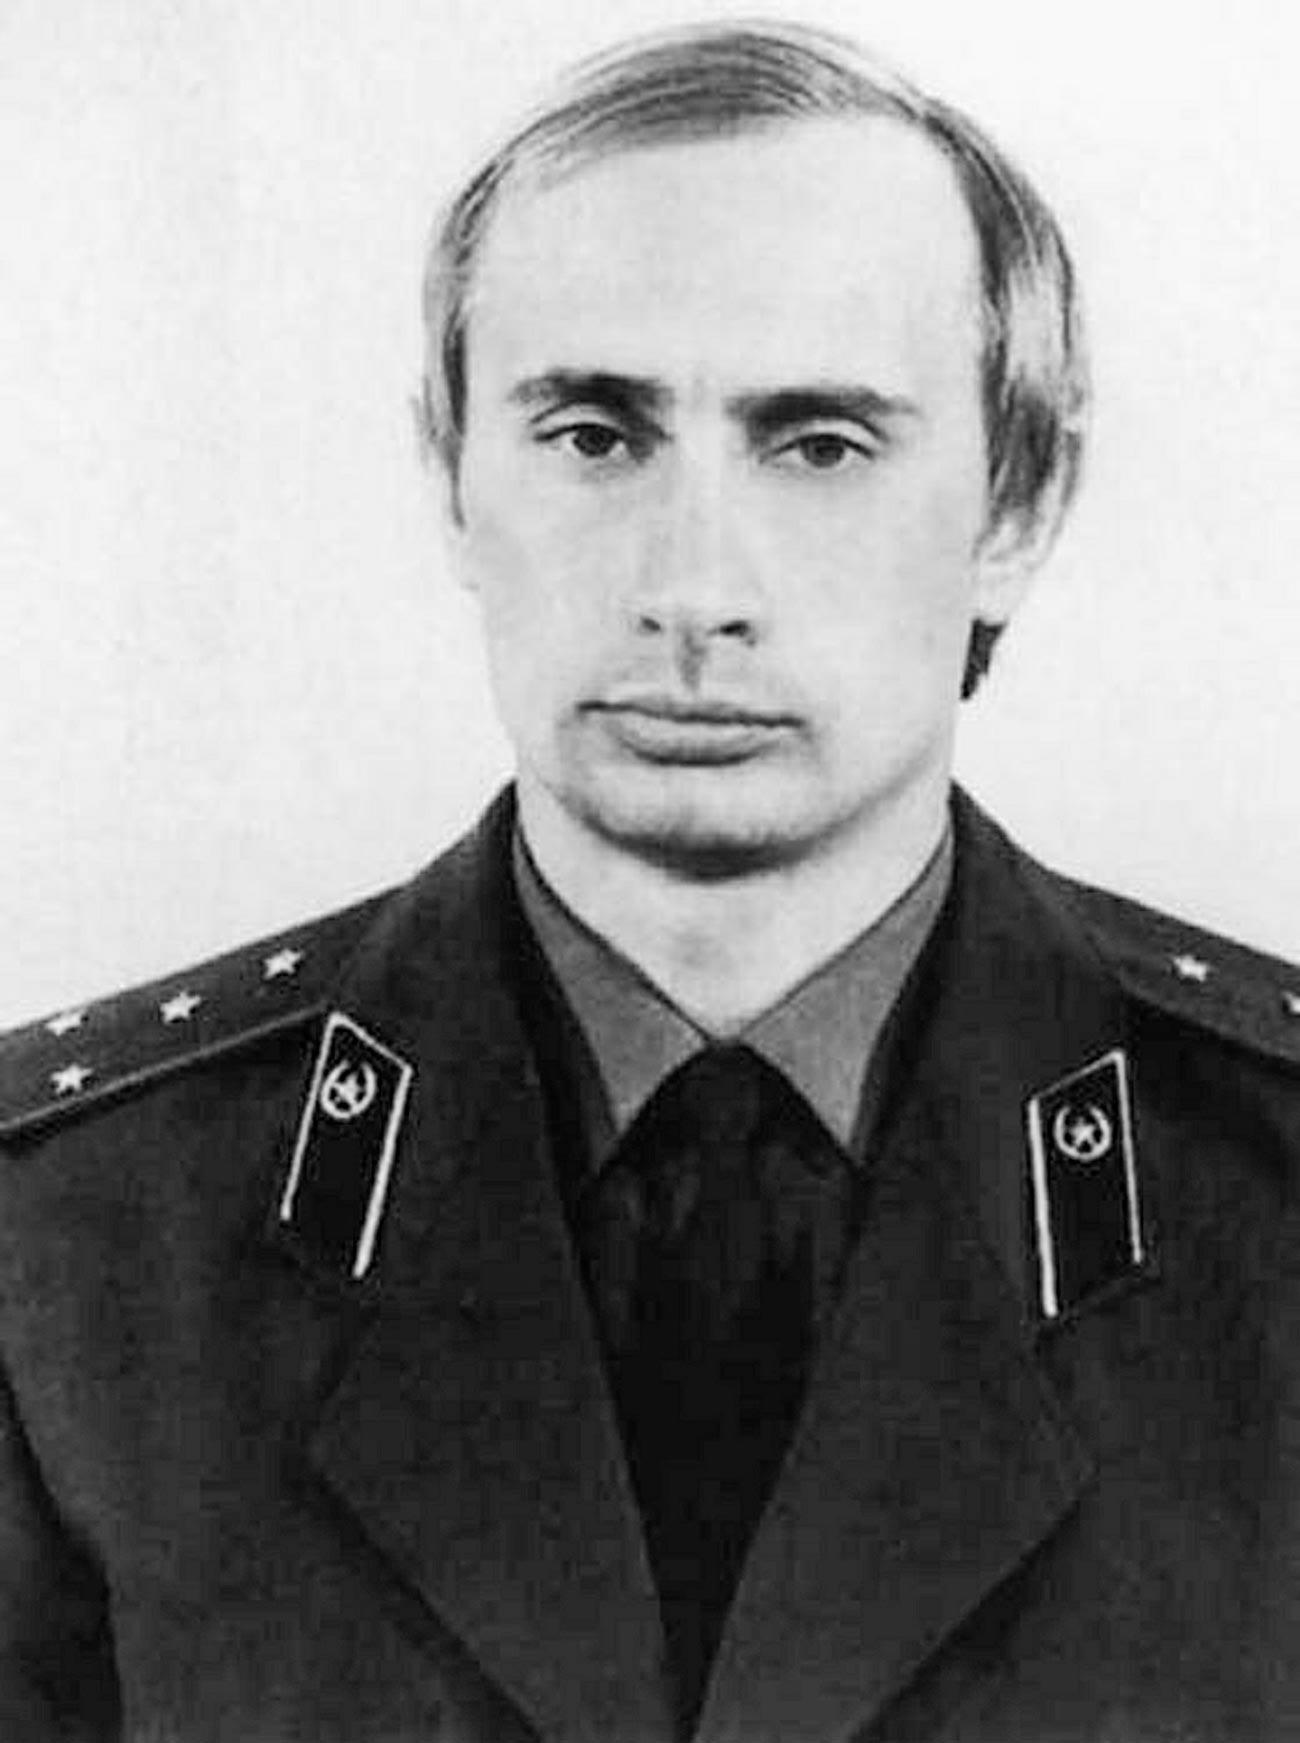 Le jeune Vladimir Poutine en uniforme du KGB